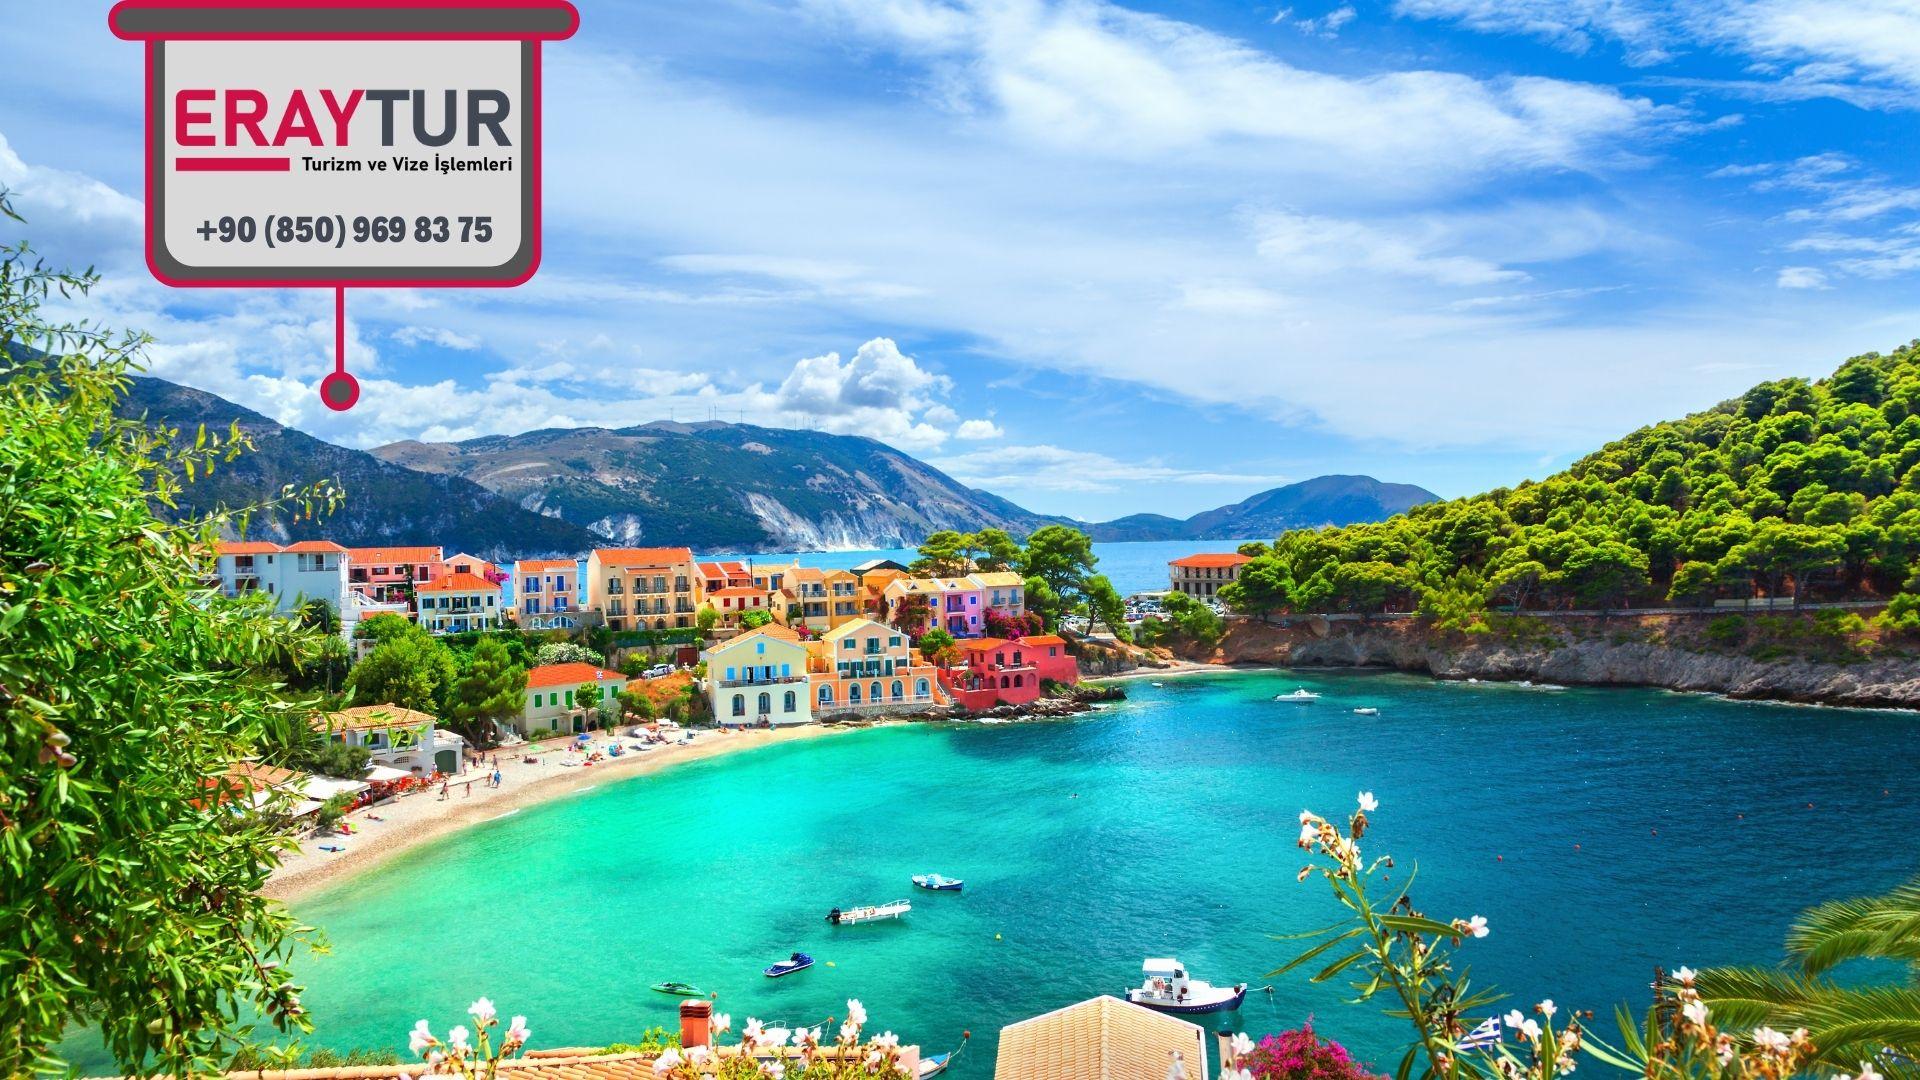 Yunanistan Turistik Vize İşsiz Evrakları